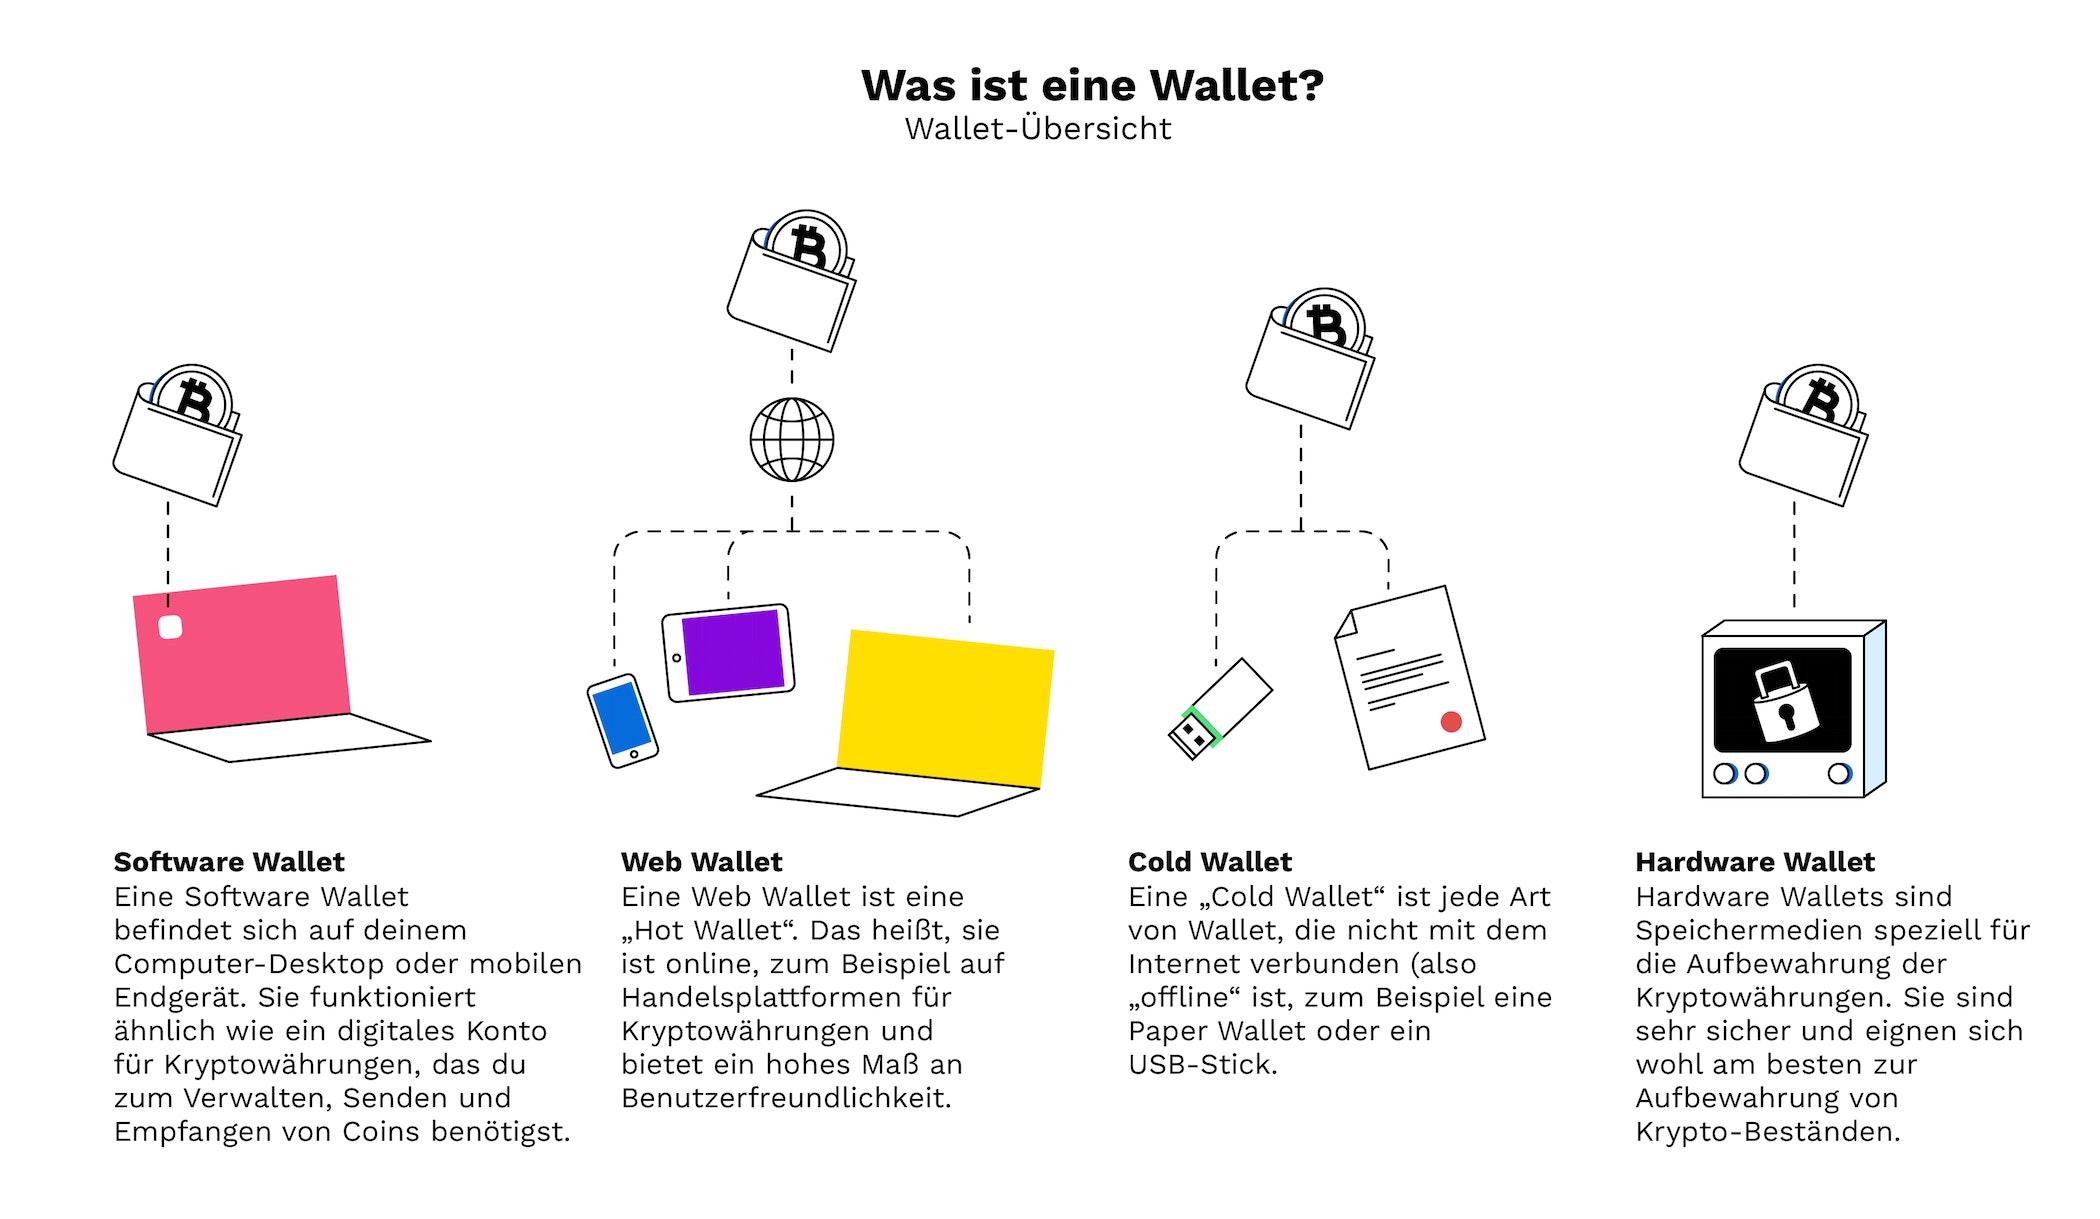 kryptowährung kaufen und verwalten binäre optionen anyoption erfahrungen xtb etf ohne mindesteinsatz in etf investieren